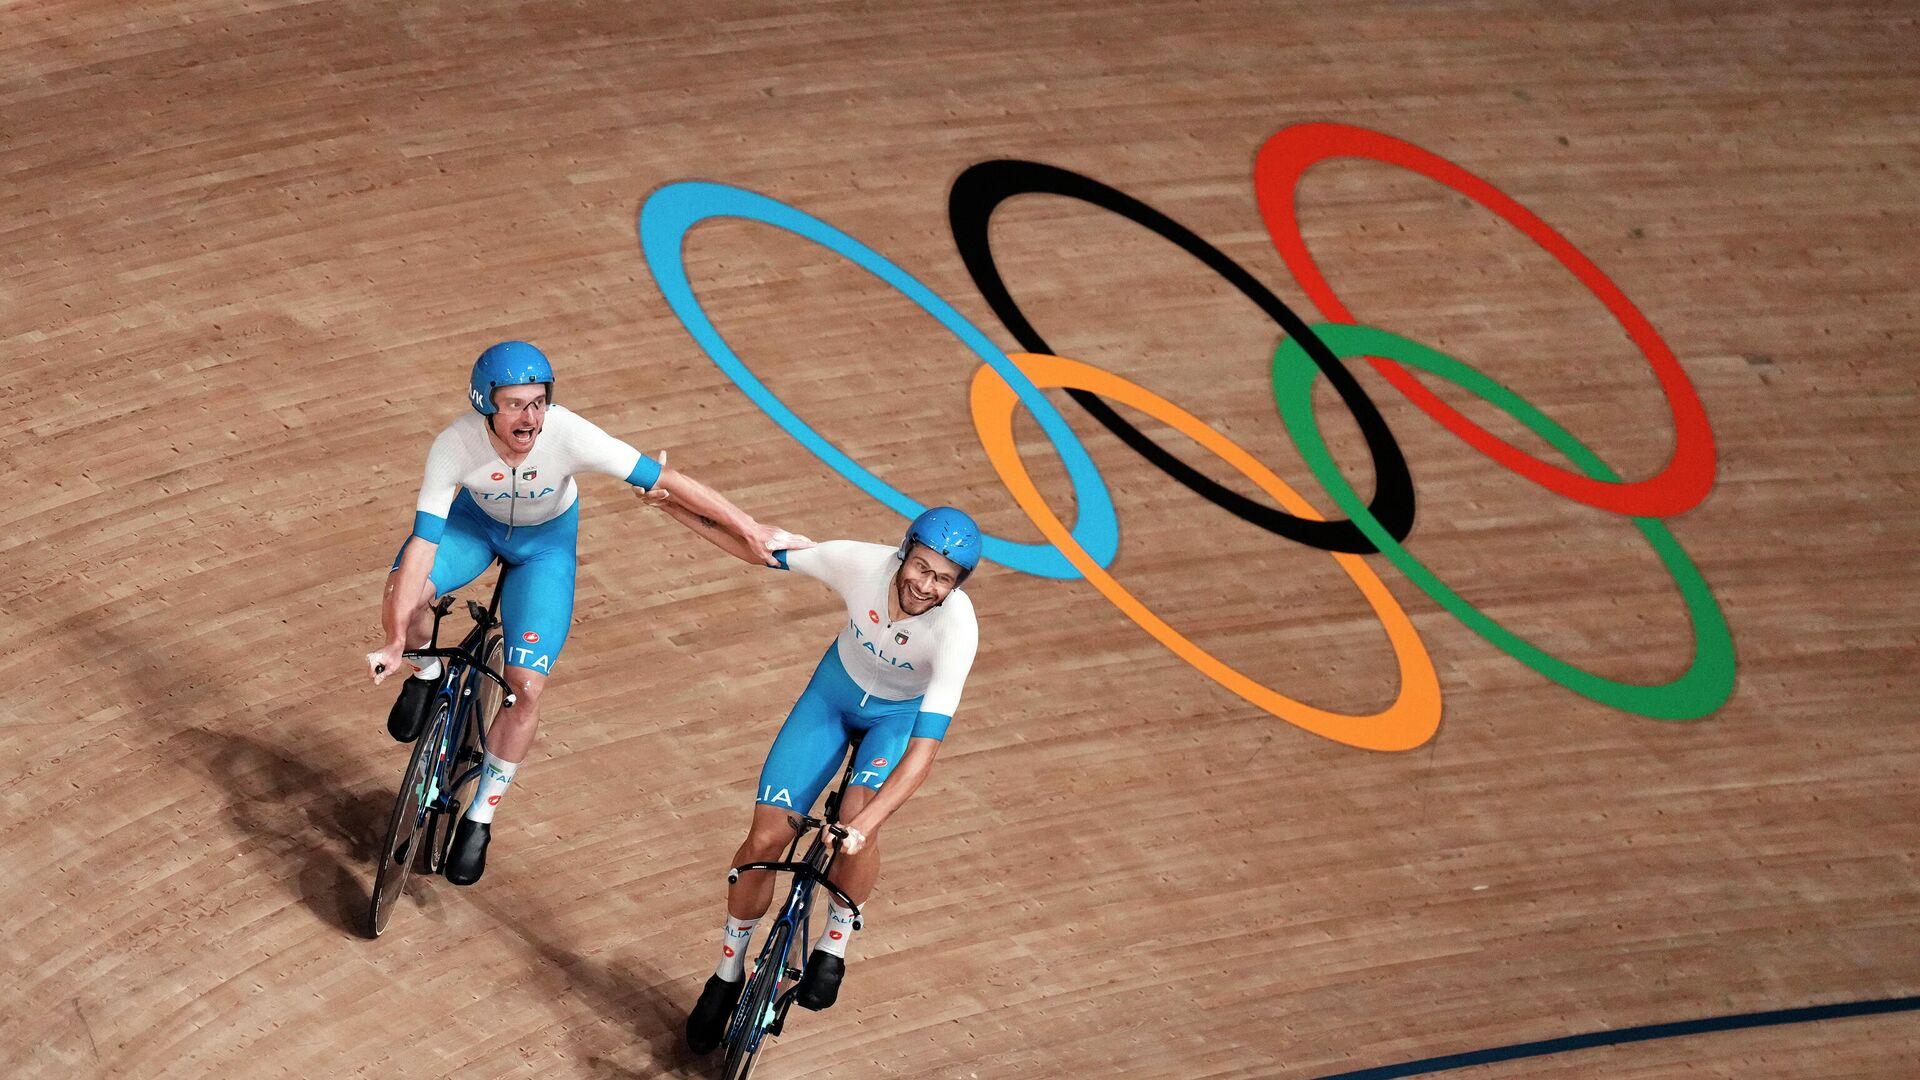 Ciclistas italianos Simone Consonni y Filippo Ganna en los JJOO en Tokio - Sputnik Mundo, 1920, 04.08.2021